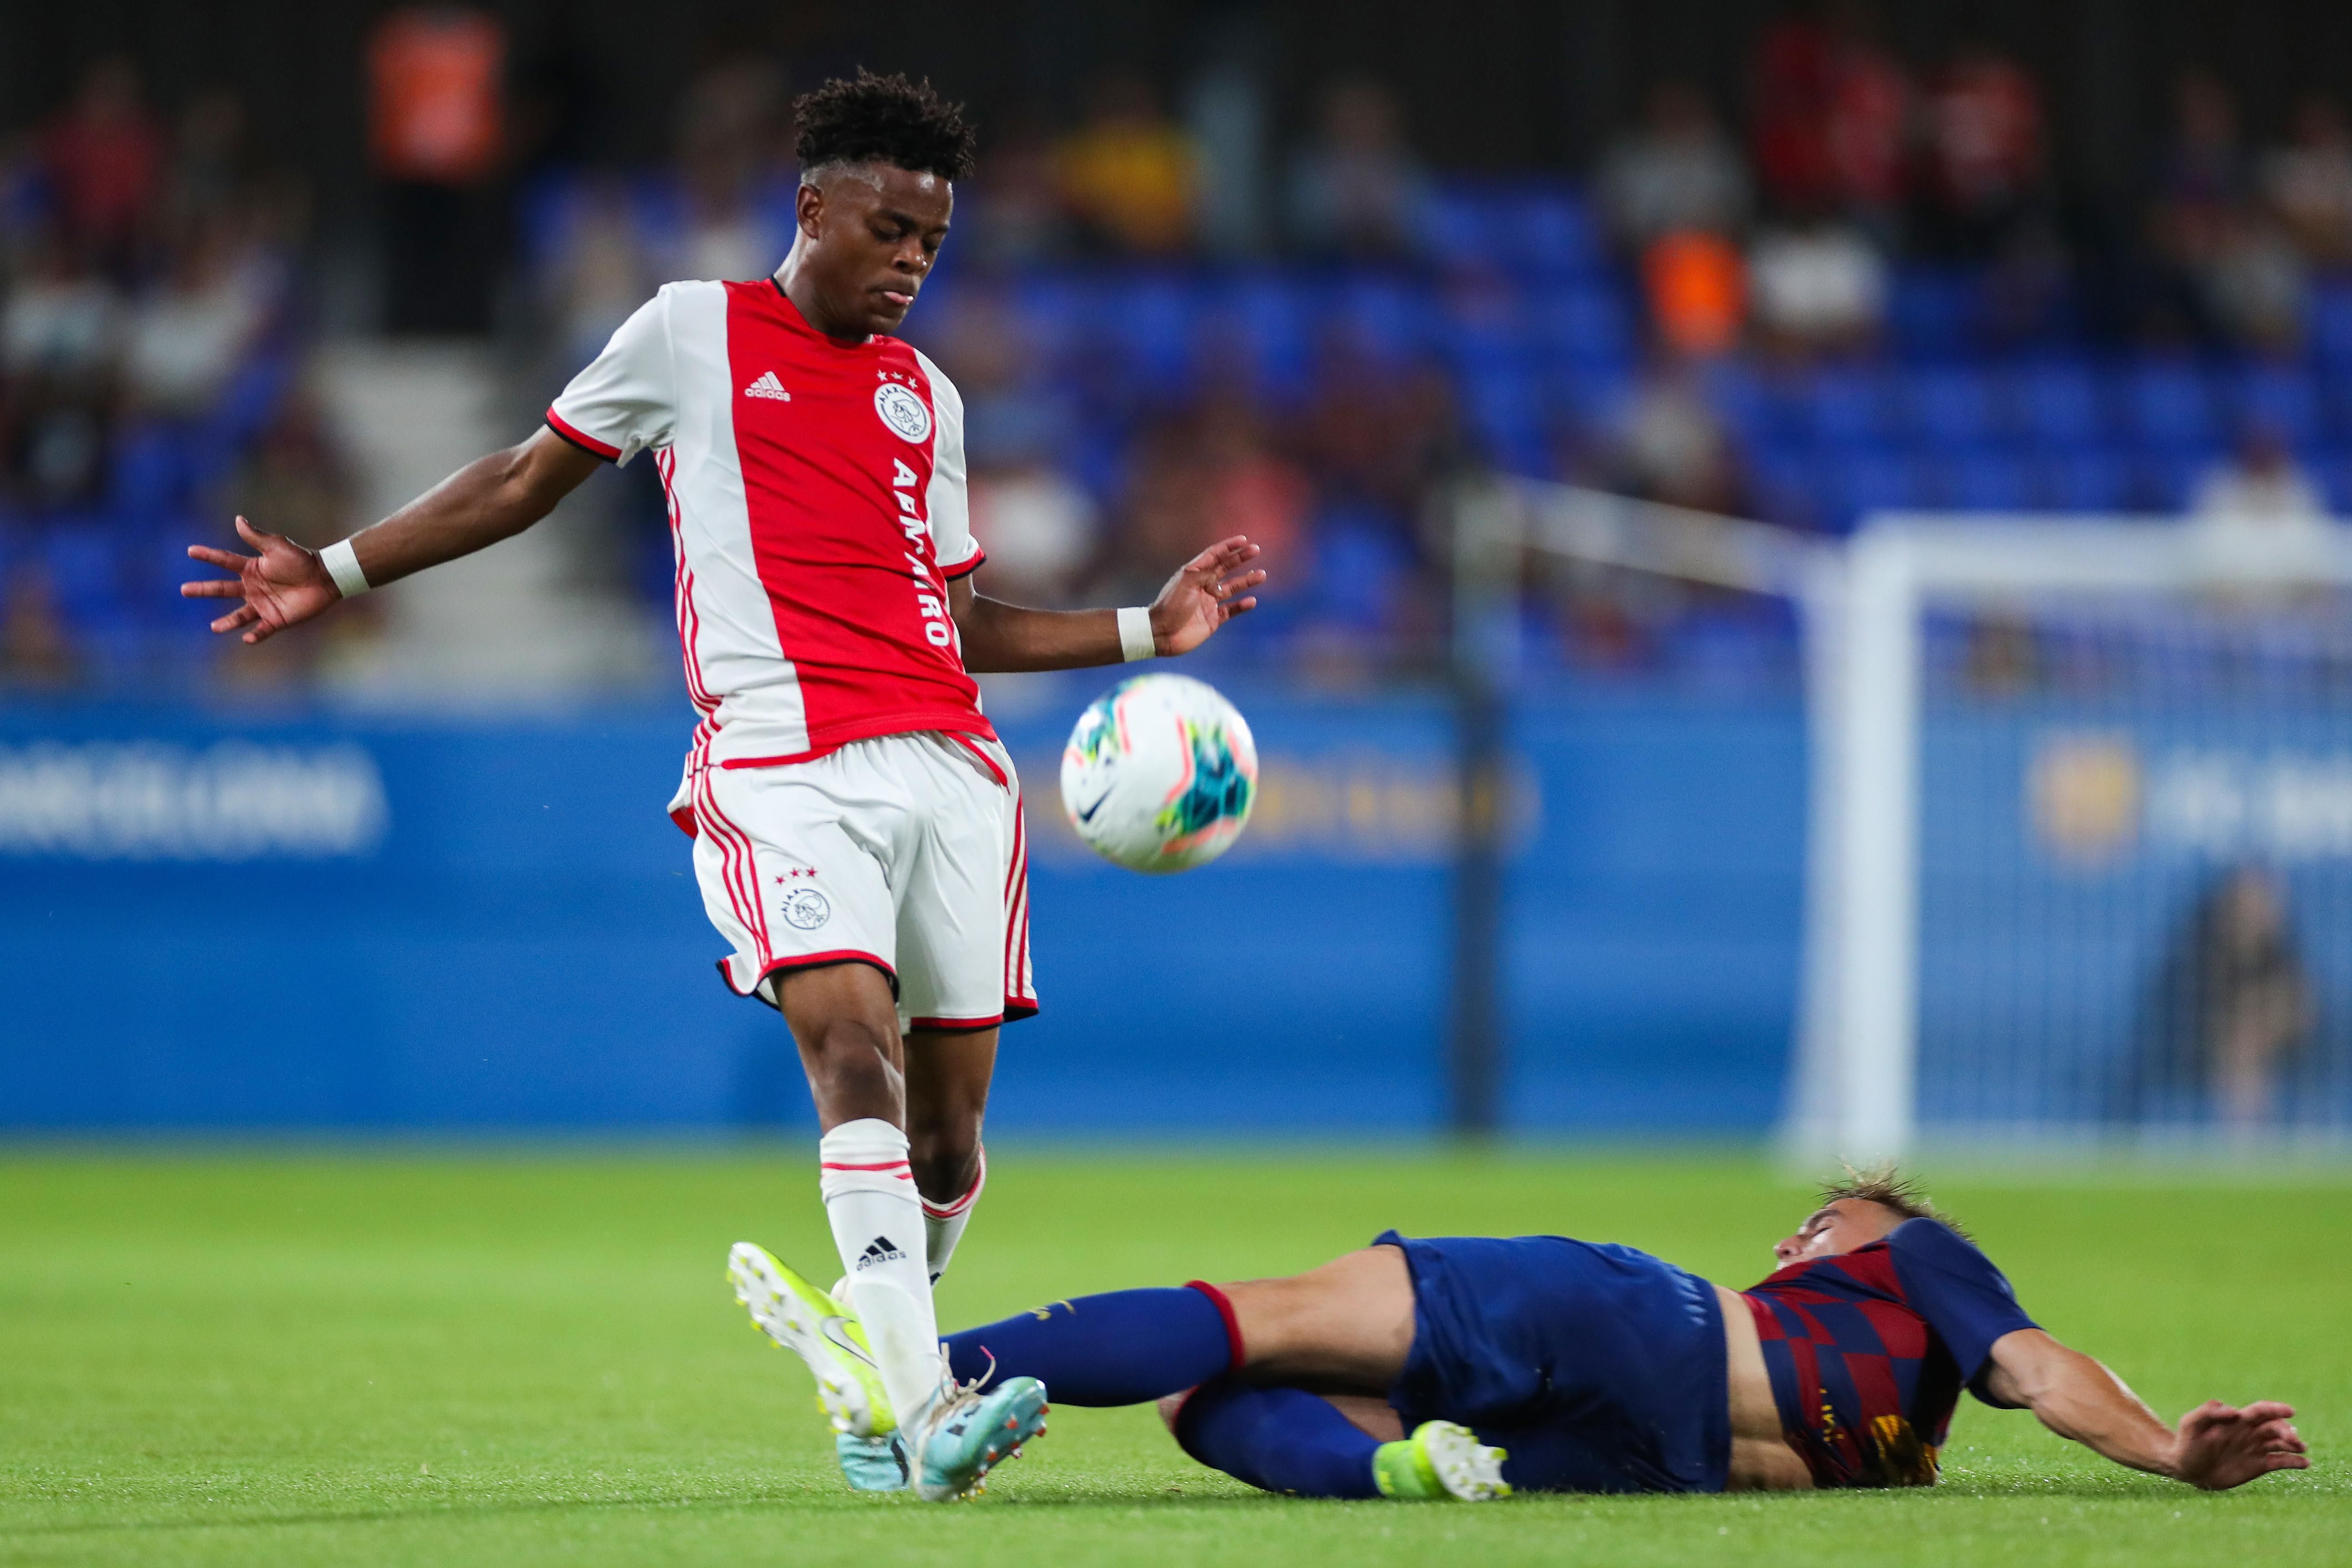 Sontje Hansen (Ajax): attaccante 17enne, non ha ancora debuttato in prima squadra. Ma, si sa, con i lancieri è solo questione di tempo...